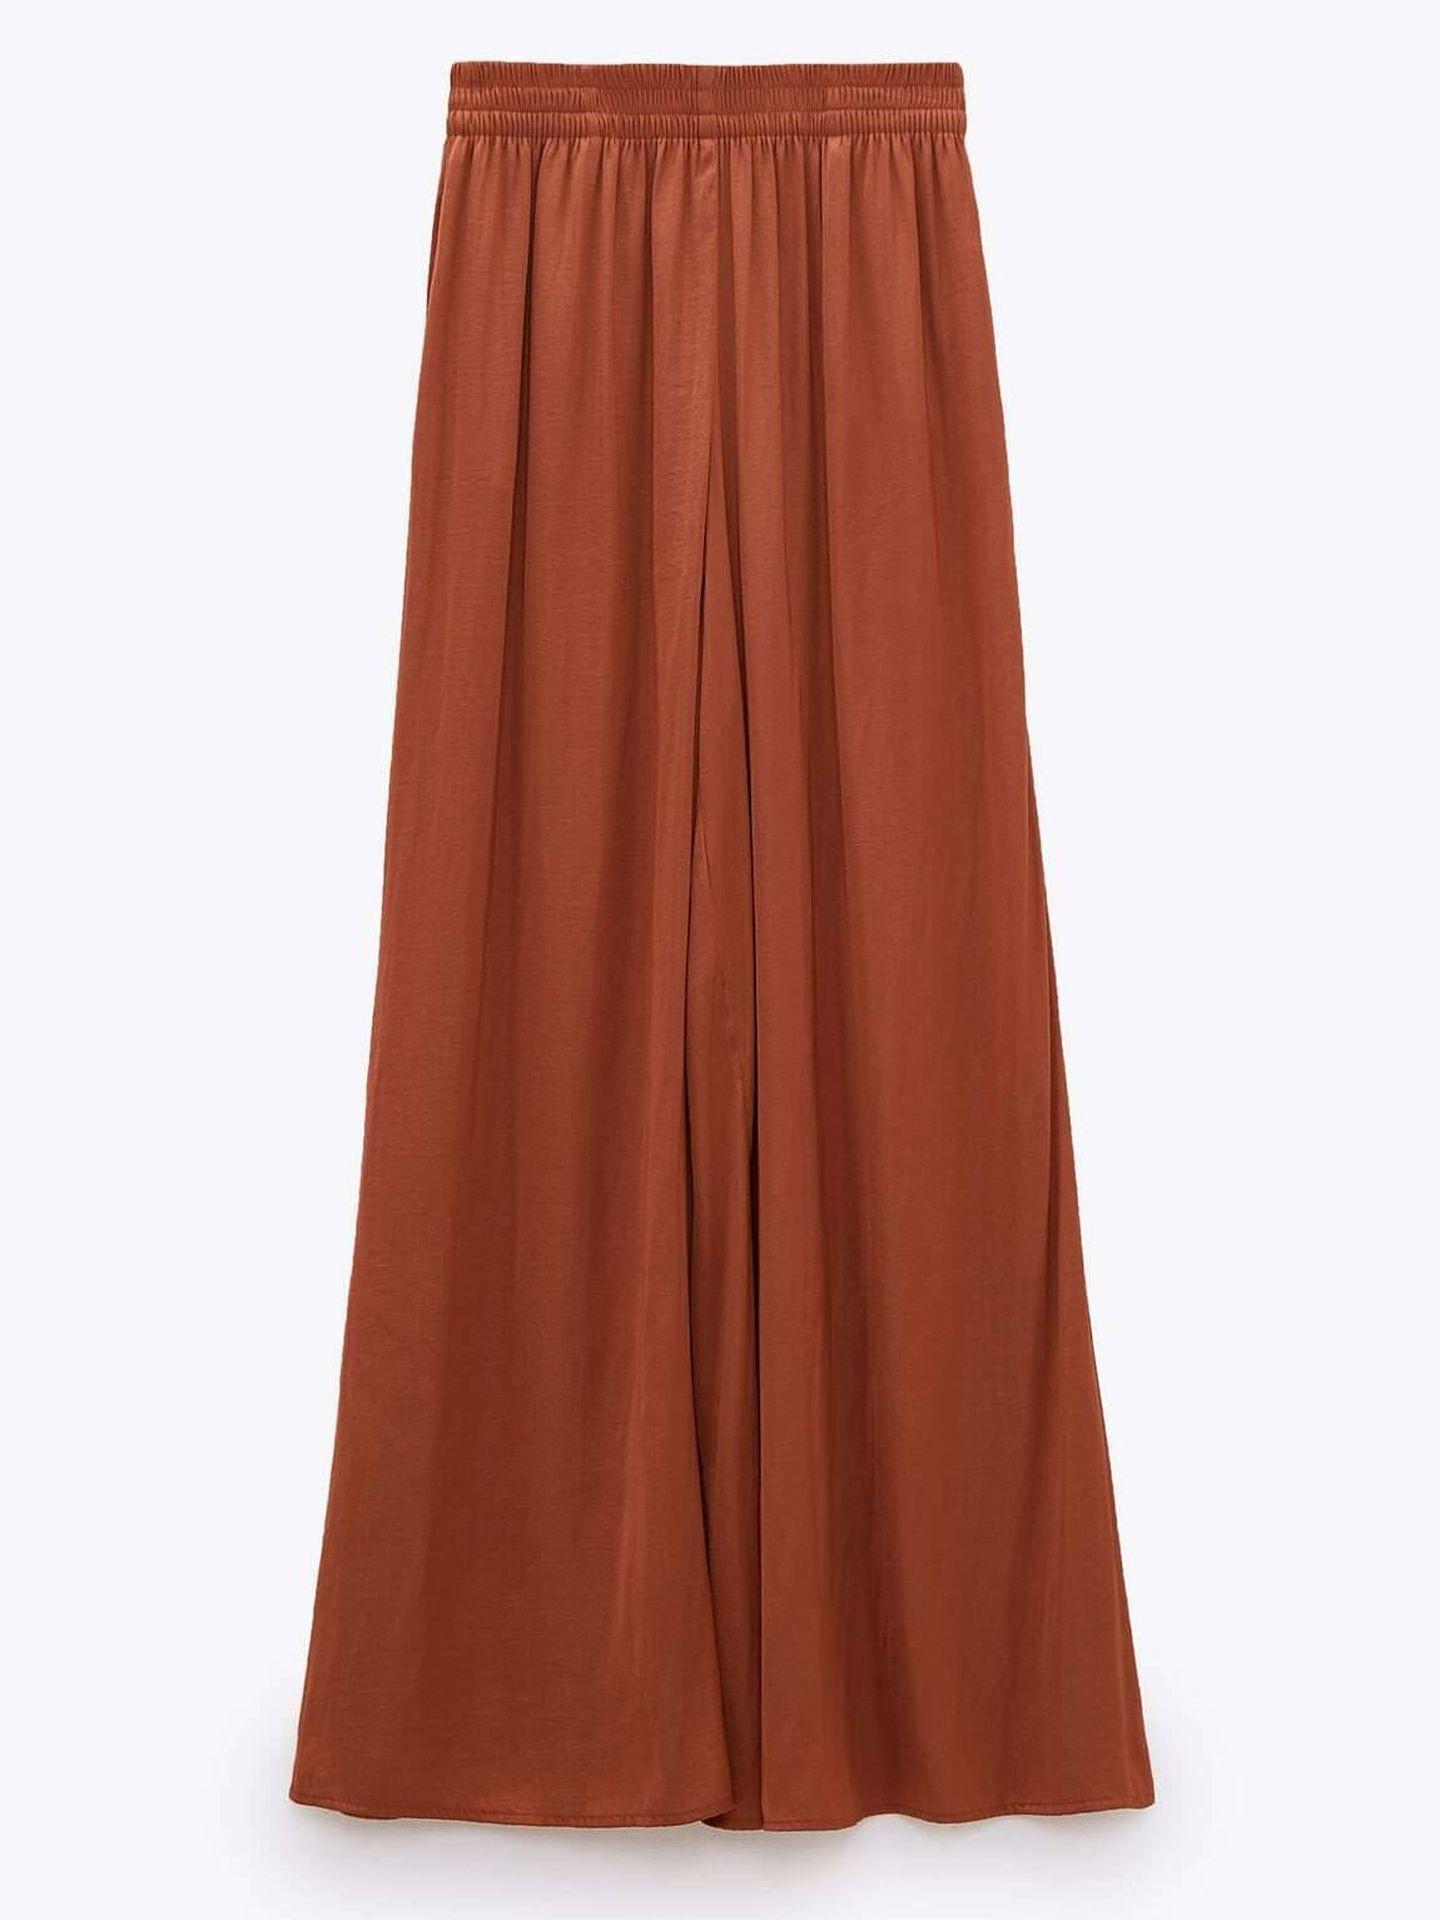 Pantalón ancho de Zara. (Cortesía)